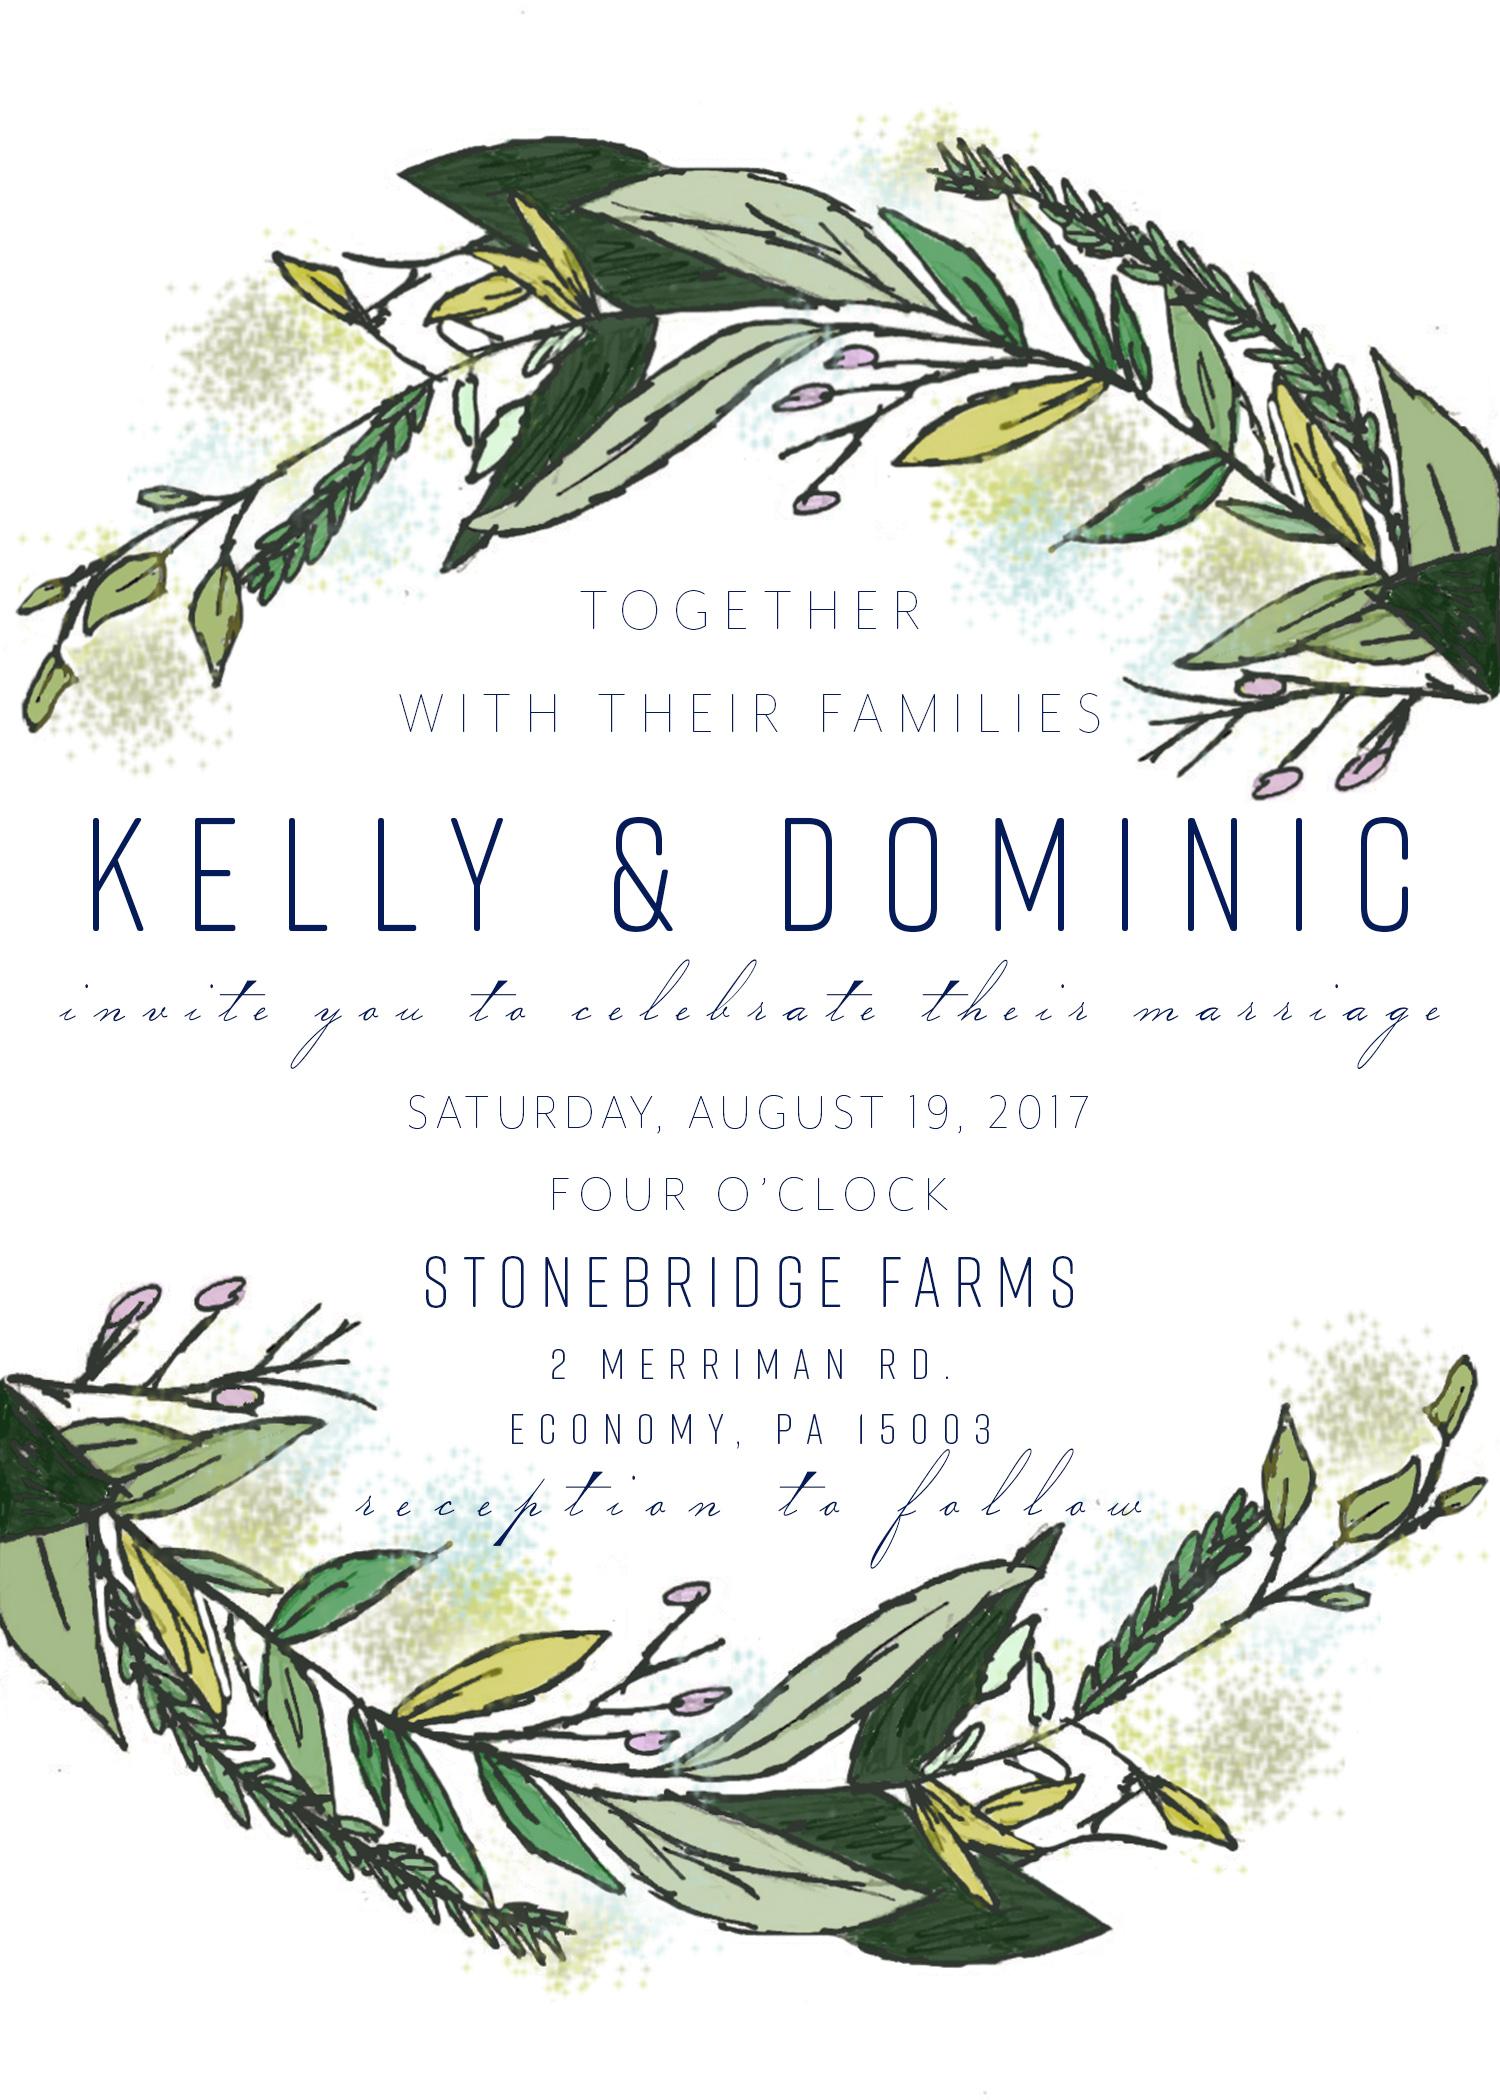 Kelly Invitation.jpg